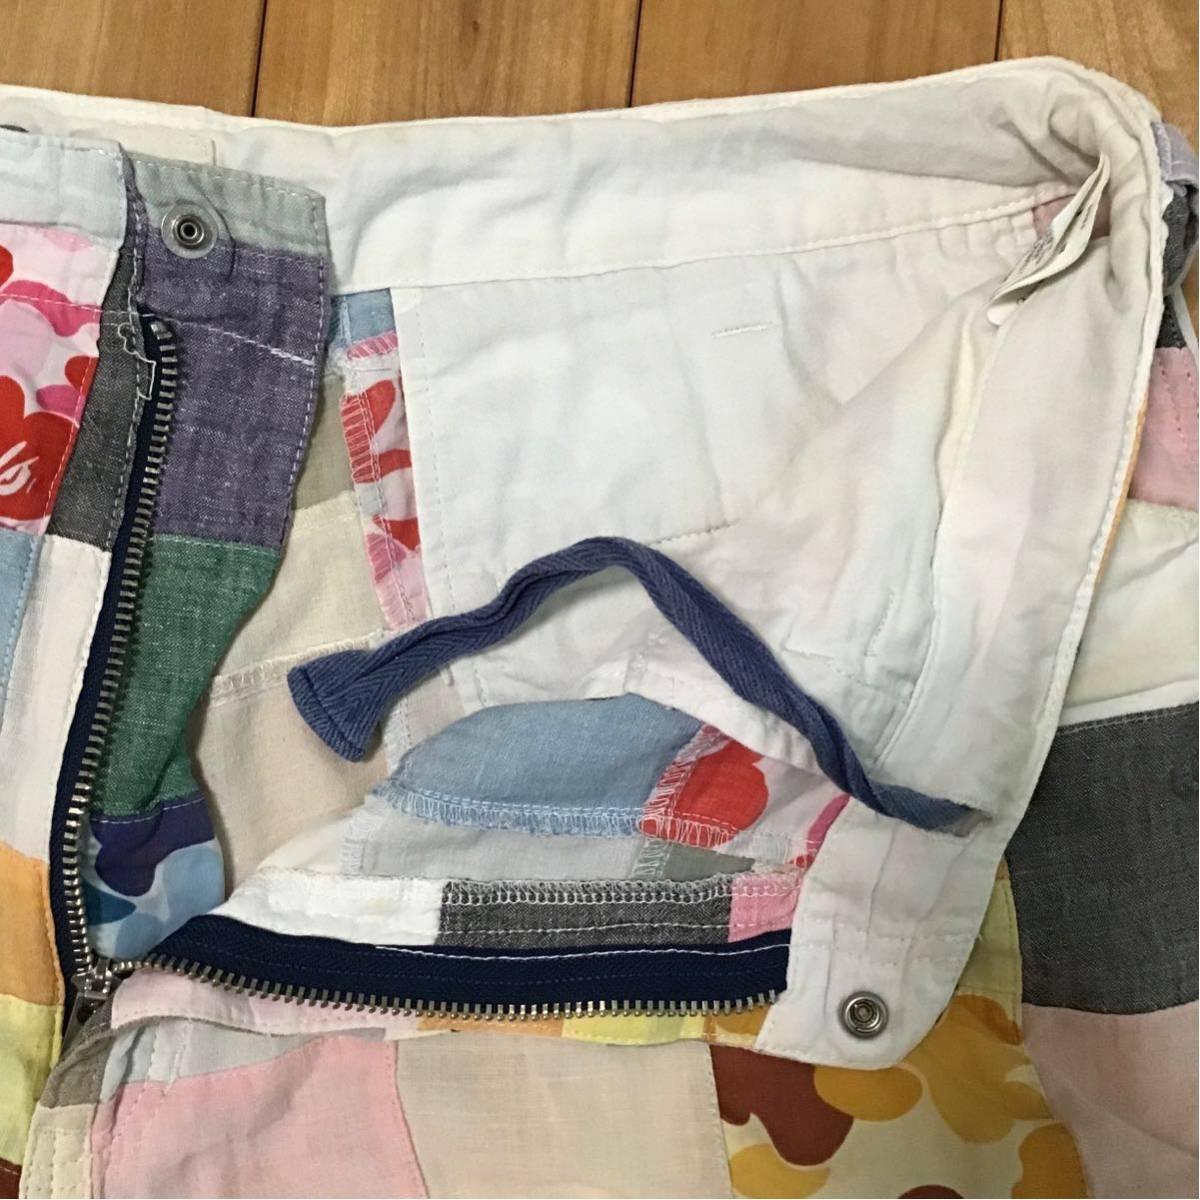 ABC camo パッチワーク ハーフパンツ Lサイズ a bathing ape BAPE shorts エイプ ベイプ アベイシングエイプ 迷彩 36dd